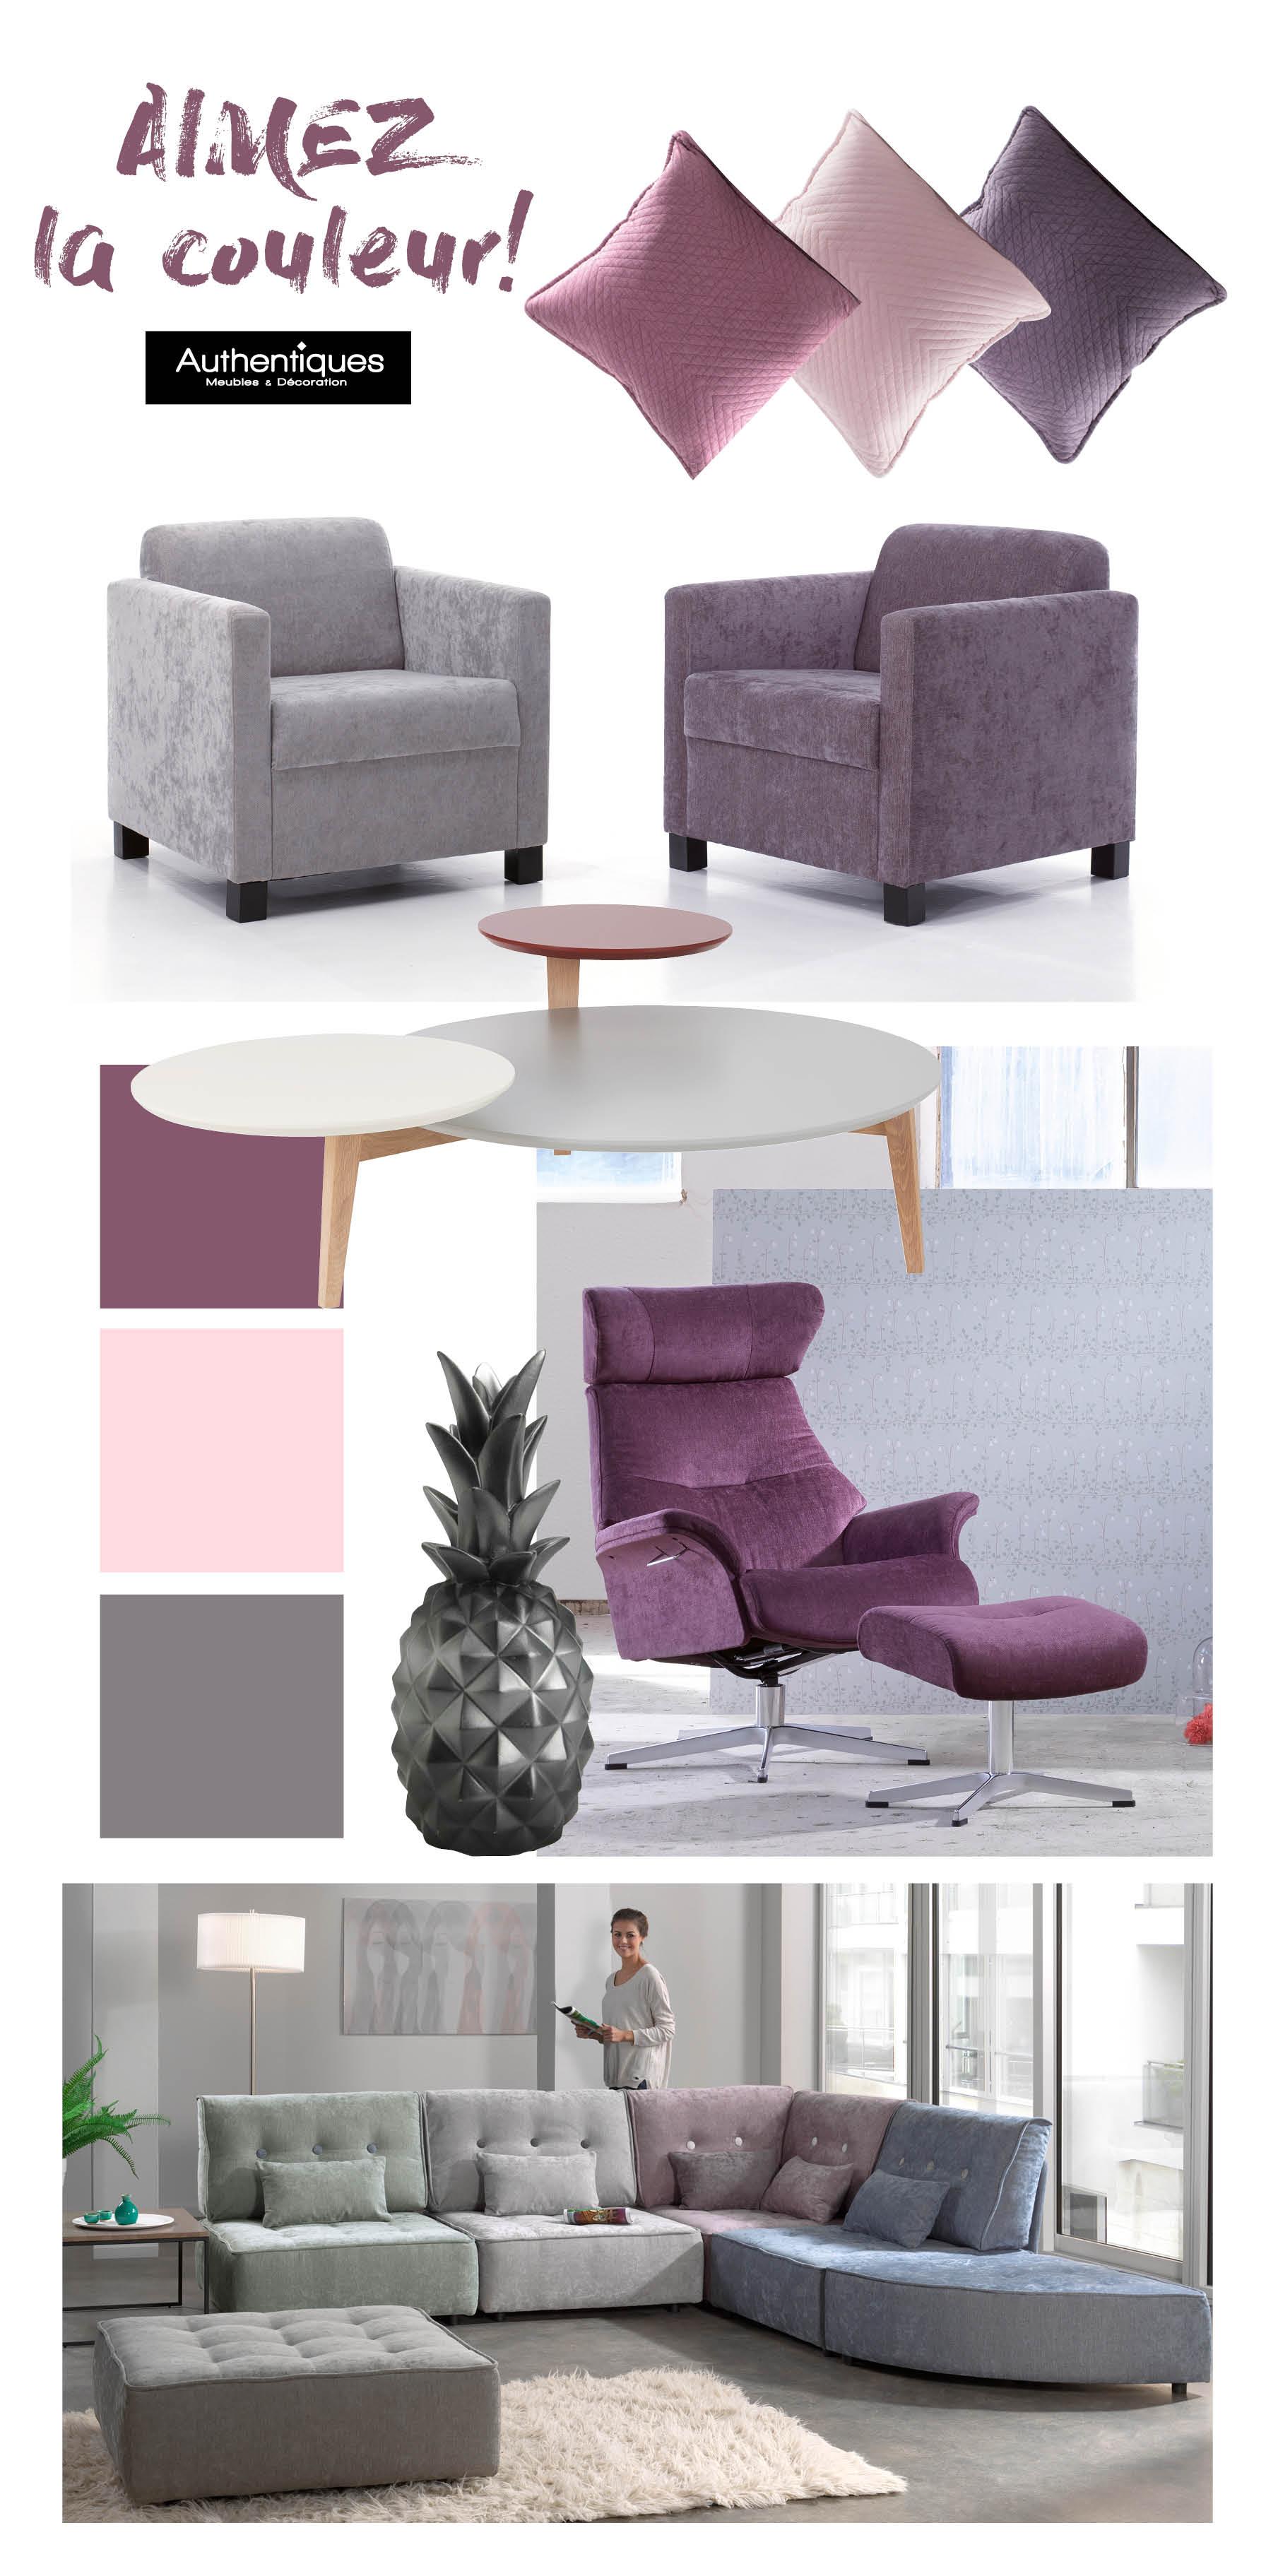 Authentiques-moodboard-mauve-violet